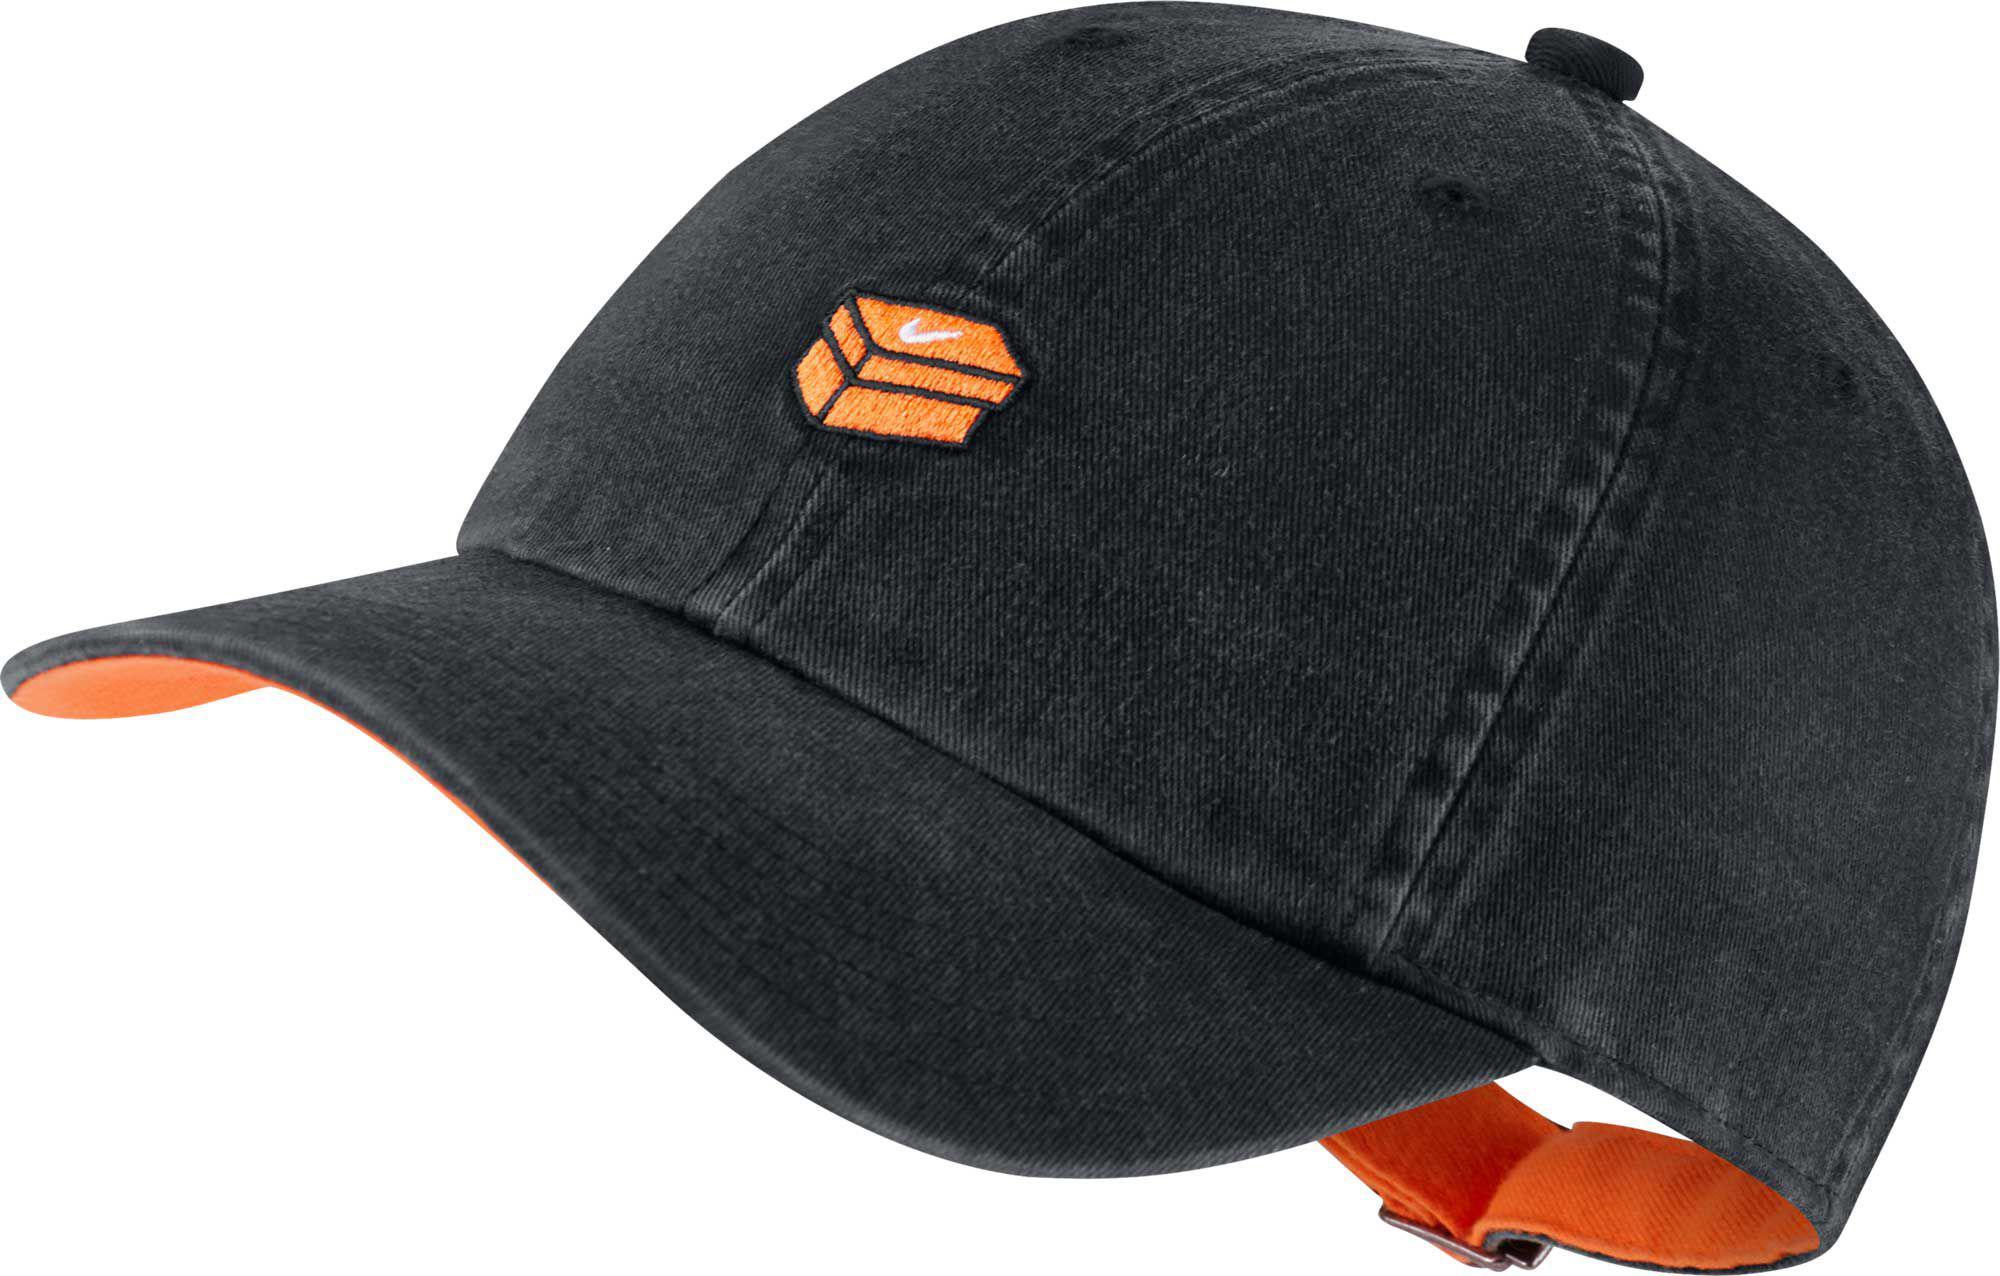 Lyst - Nike Oys  Heritage86 Shoebox Adjustable Hat in Black for Men 48c2d1ff5ab